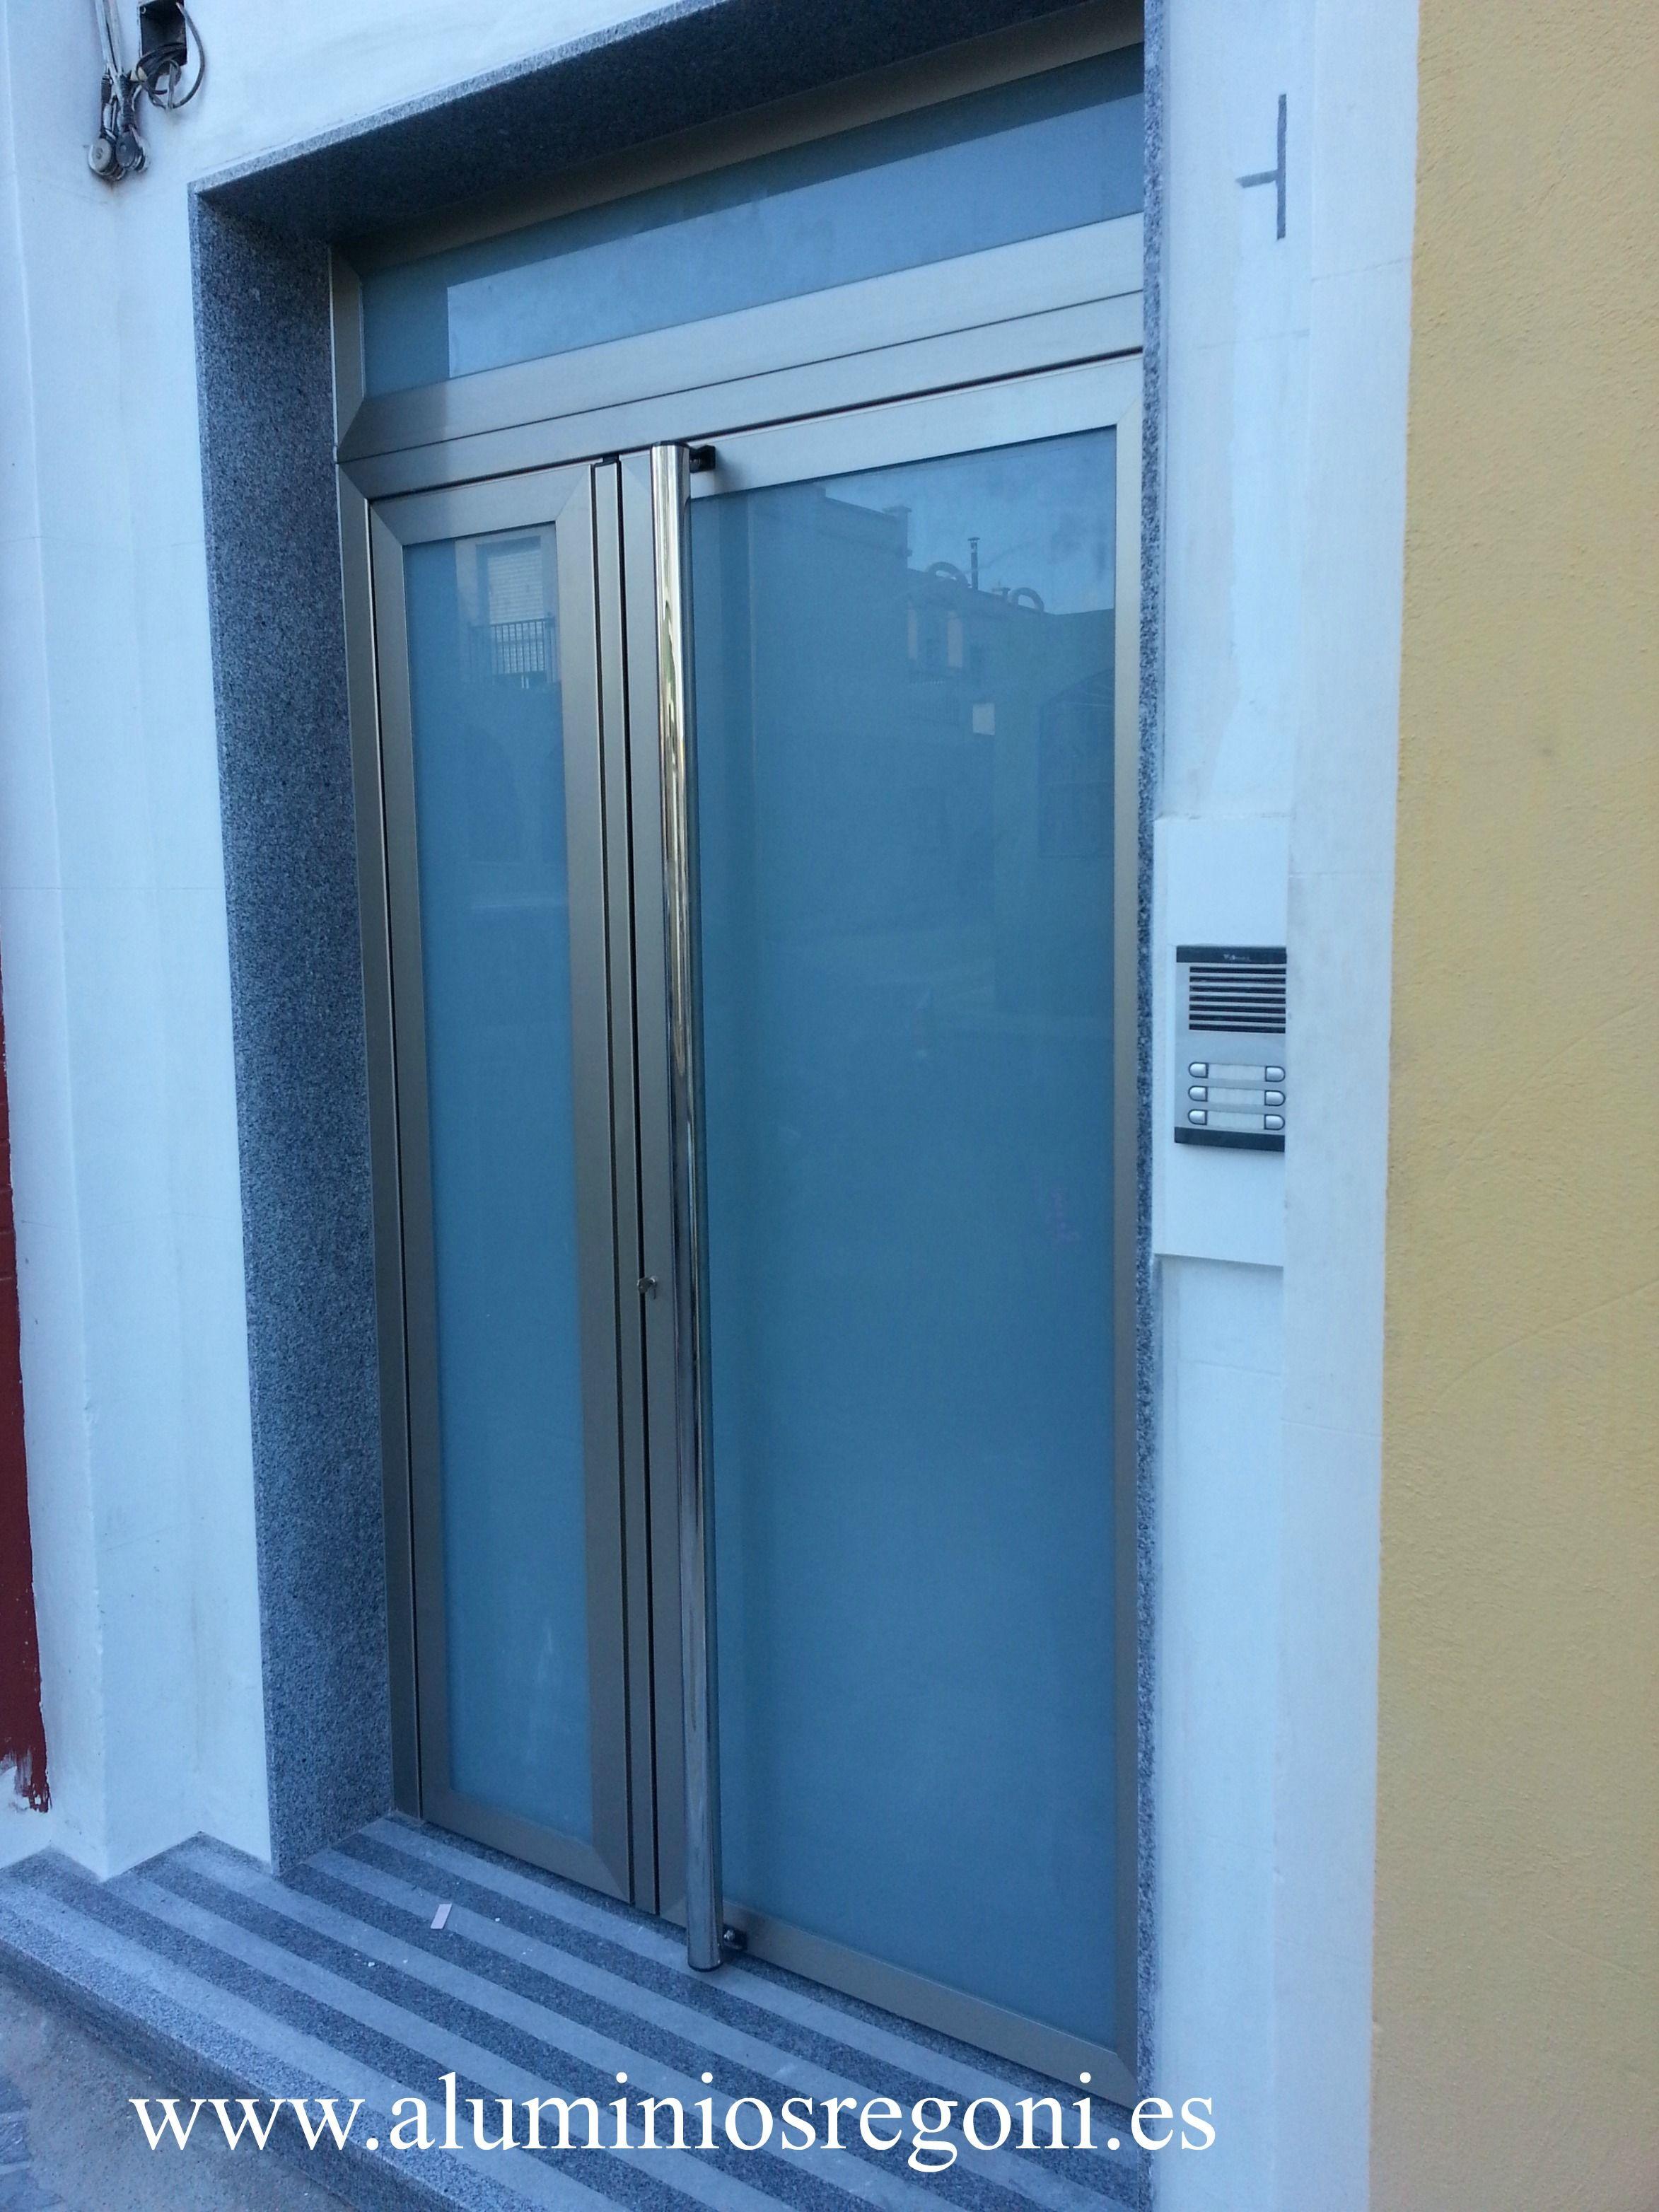 Puerta de aluminio puertas de aluminio pinterest for Puertas de aluminio para cuartos